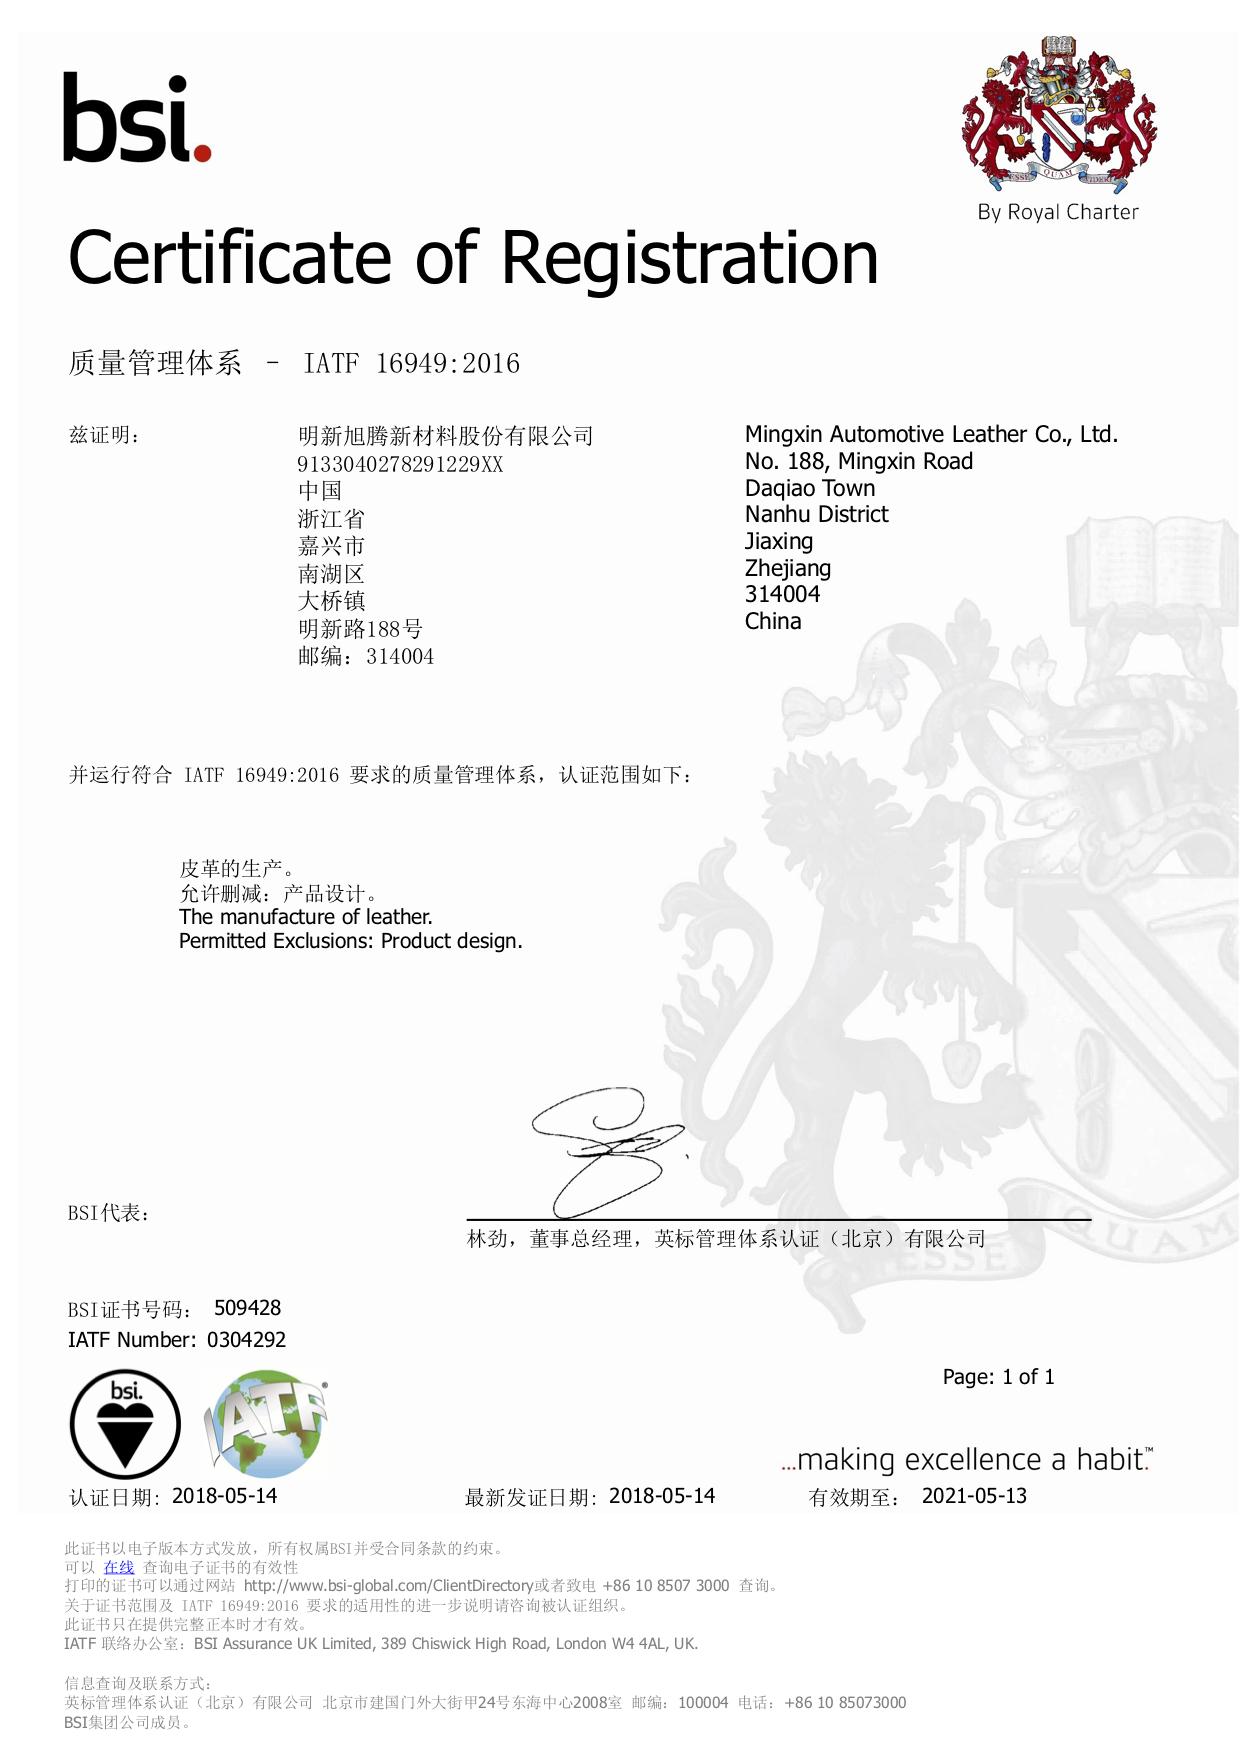 明新旭騰-IATF16949:2016-質量管理體系-有效期至2021.05.13